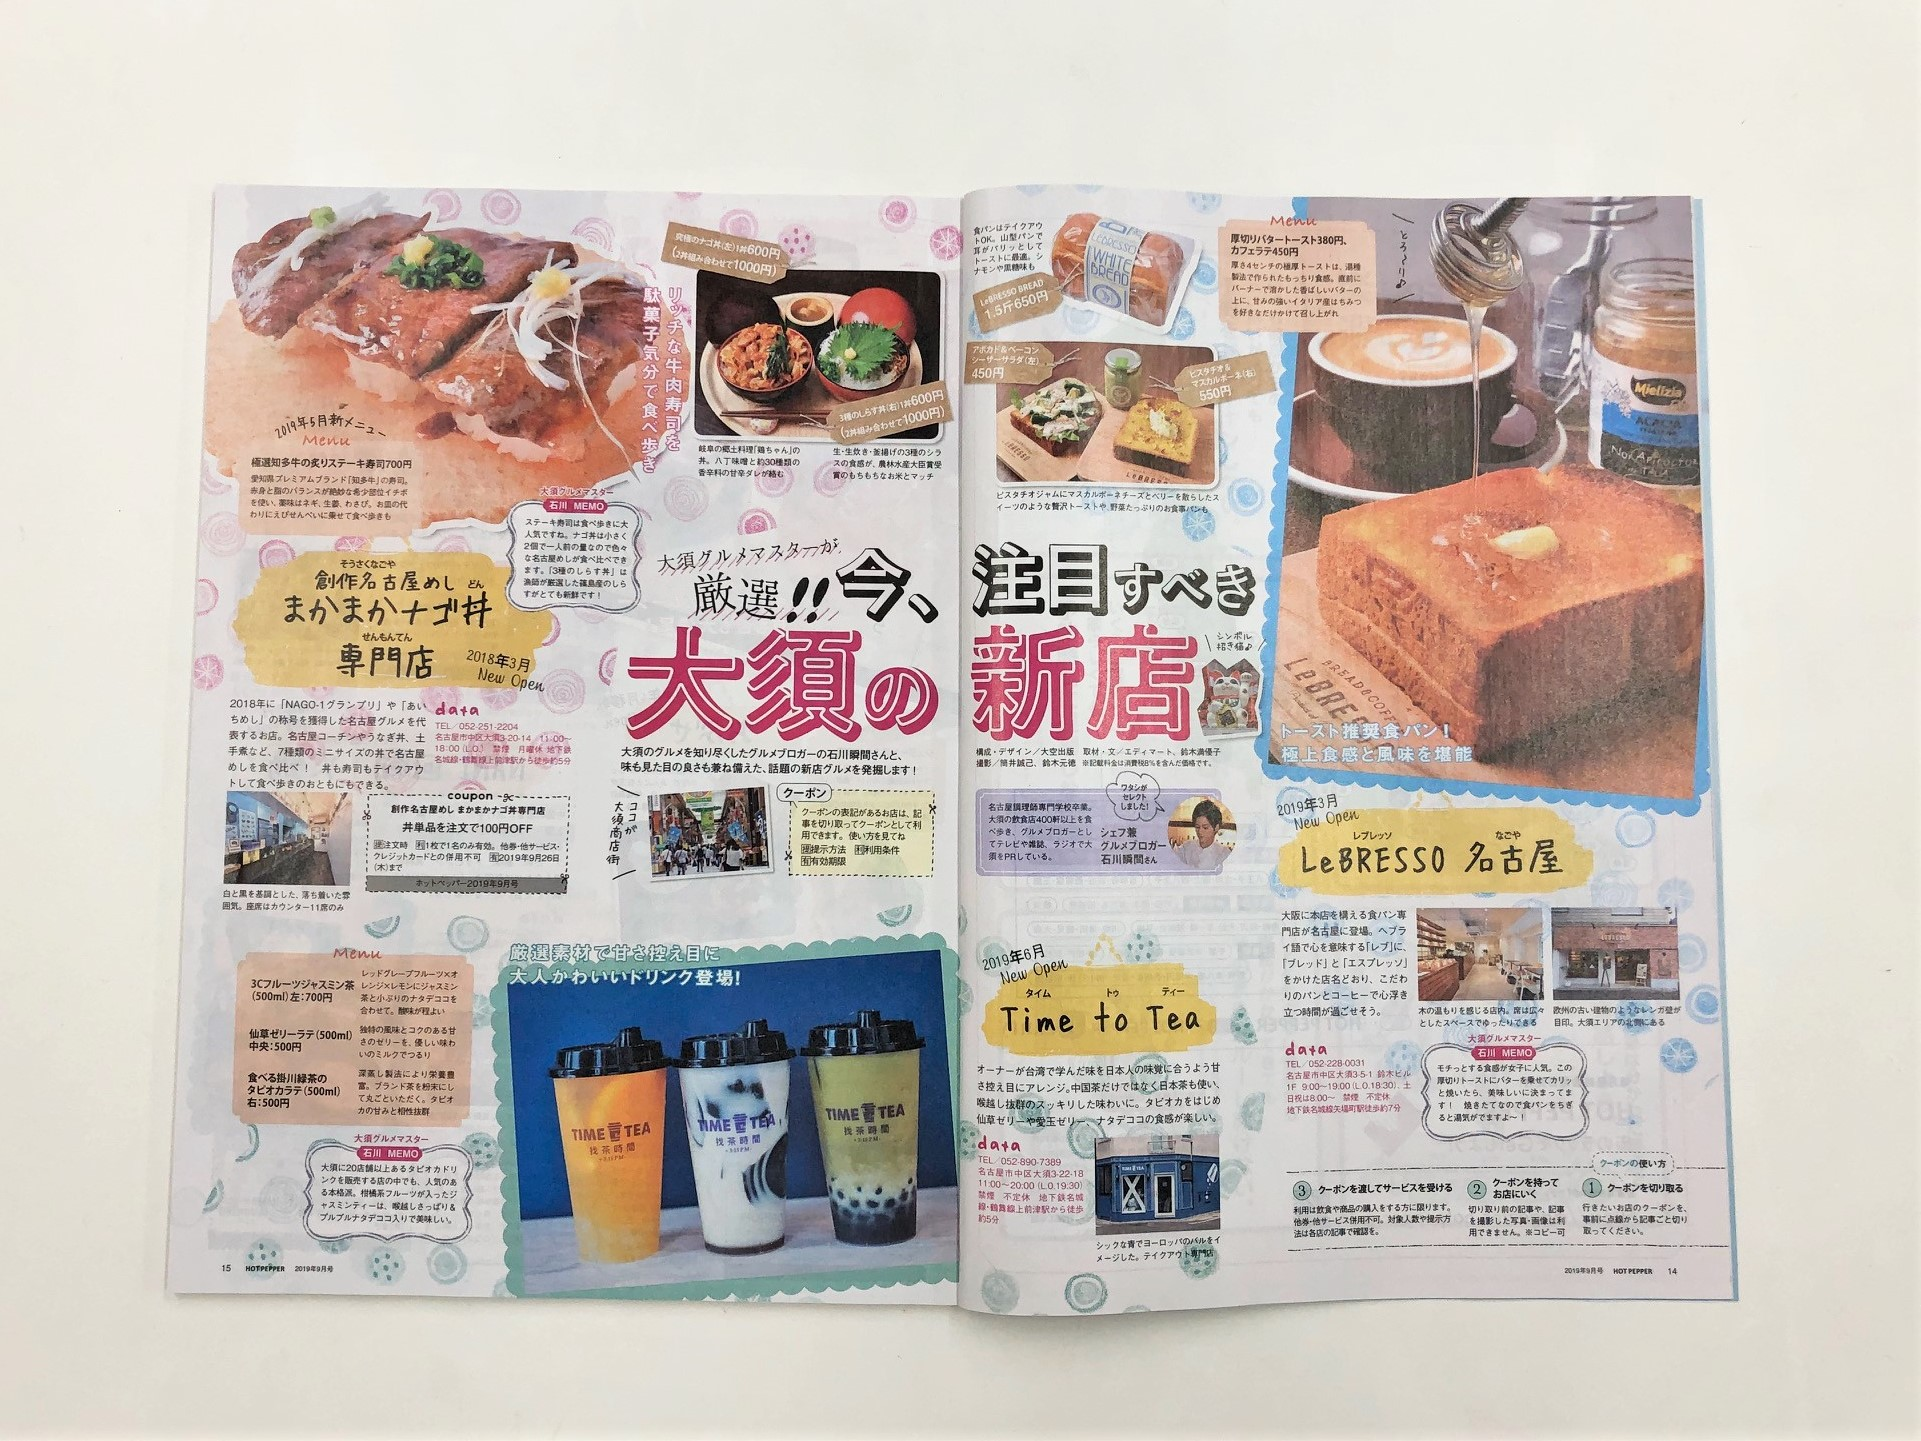 ホットペッパー名古屋9月号のグルメ特集の誌面